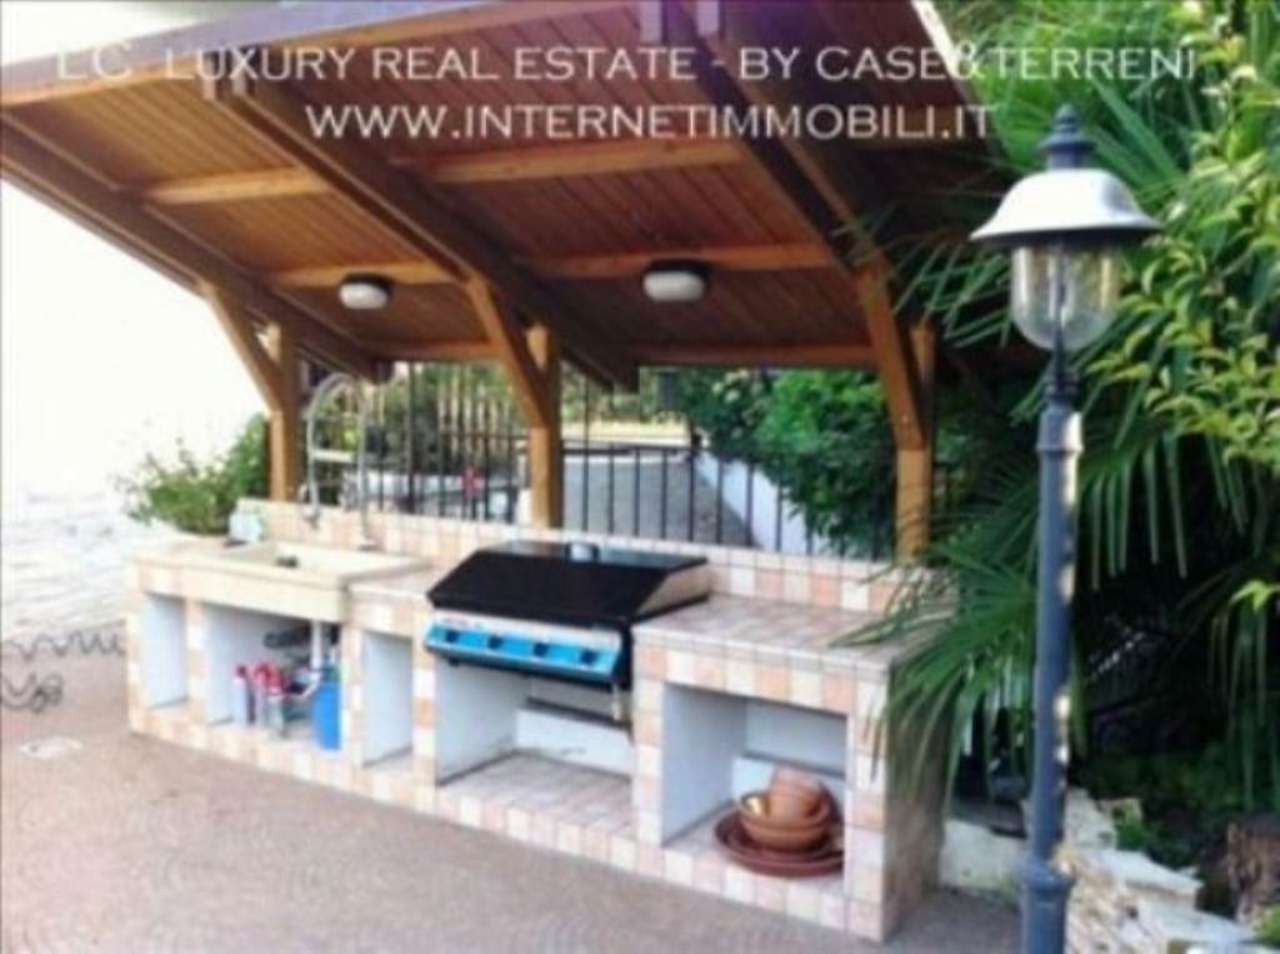 Villa in vendita a Cassina de' Pecchi, 6 locali, prezzo € 990.000 | Cambio Casa.it